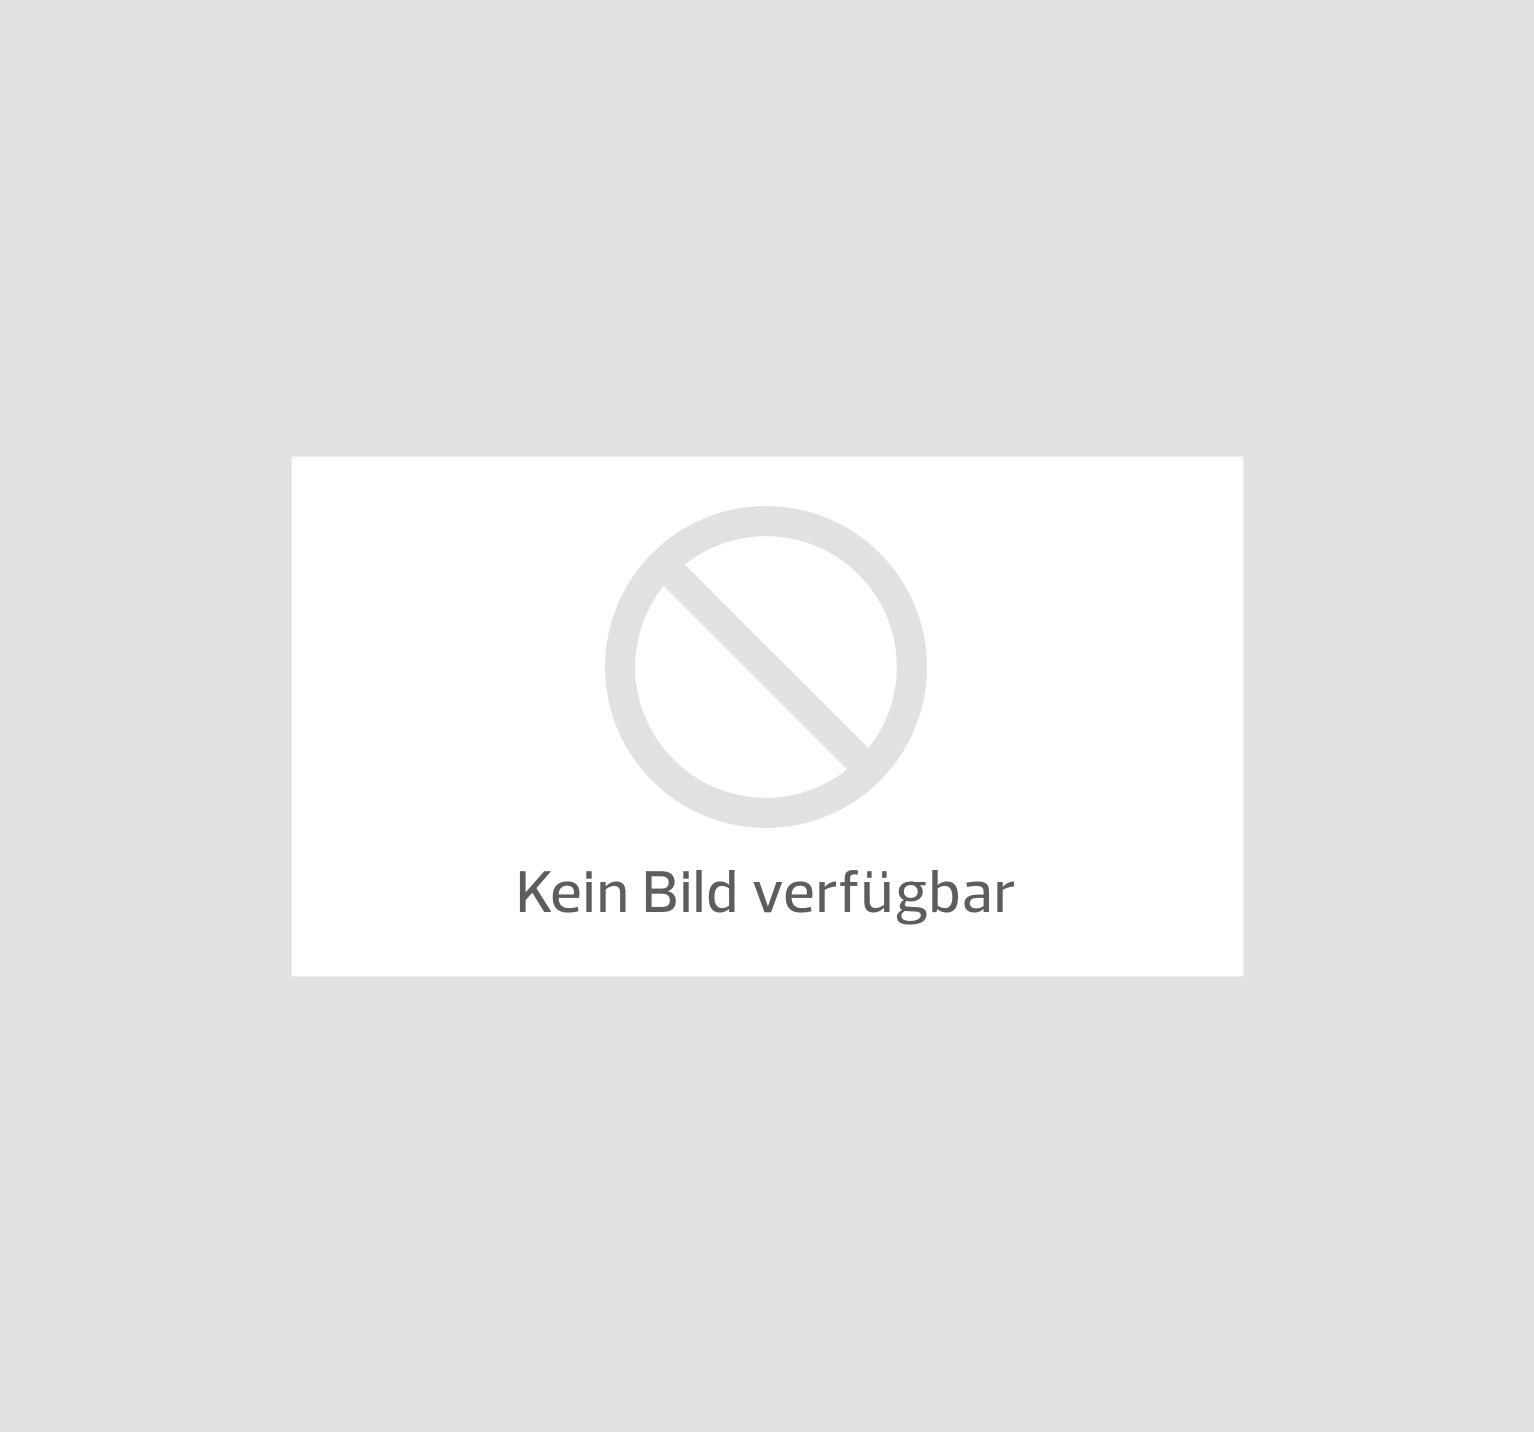 Blue man group sorat hotel ambassador berlin berlin for Indischer laden berlin